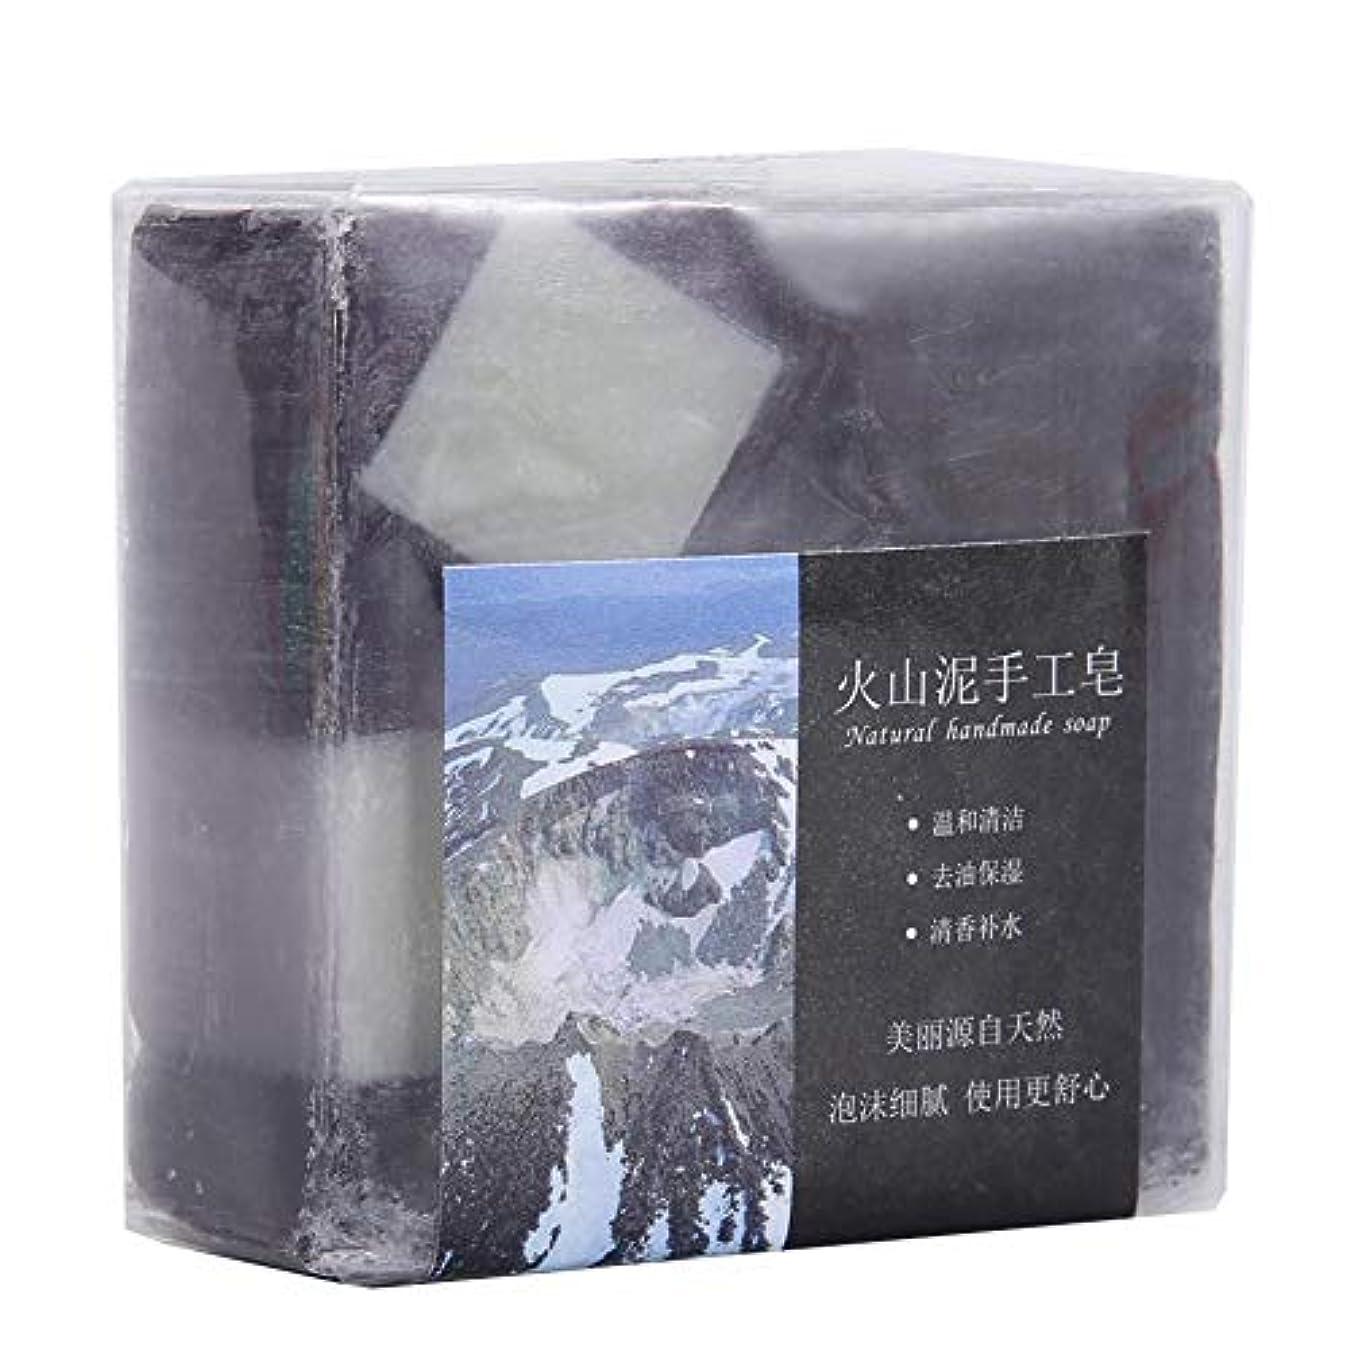 調整可能インストラクターホイットニーディープクリーニング 火山泥 ハンドメイドグリース 保湿石鹸用 100 G 手作り石鹸